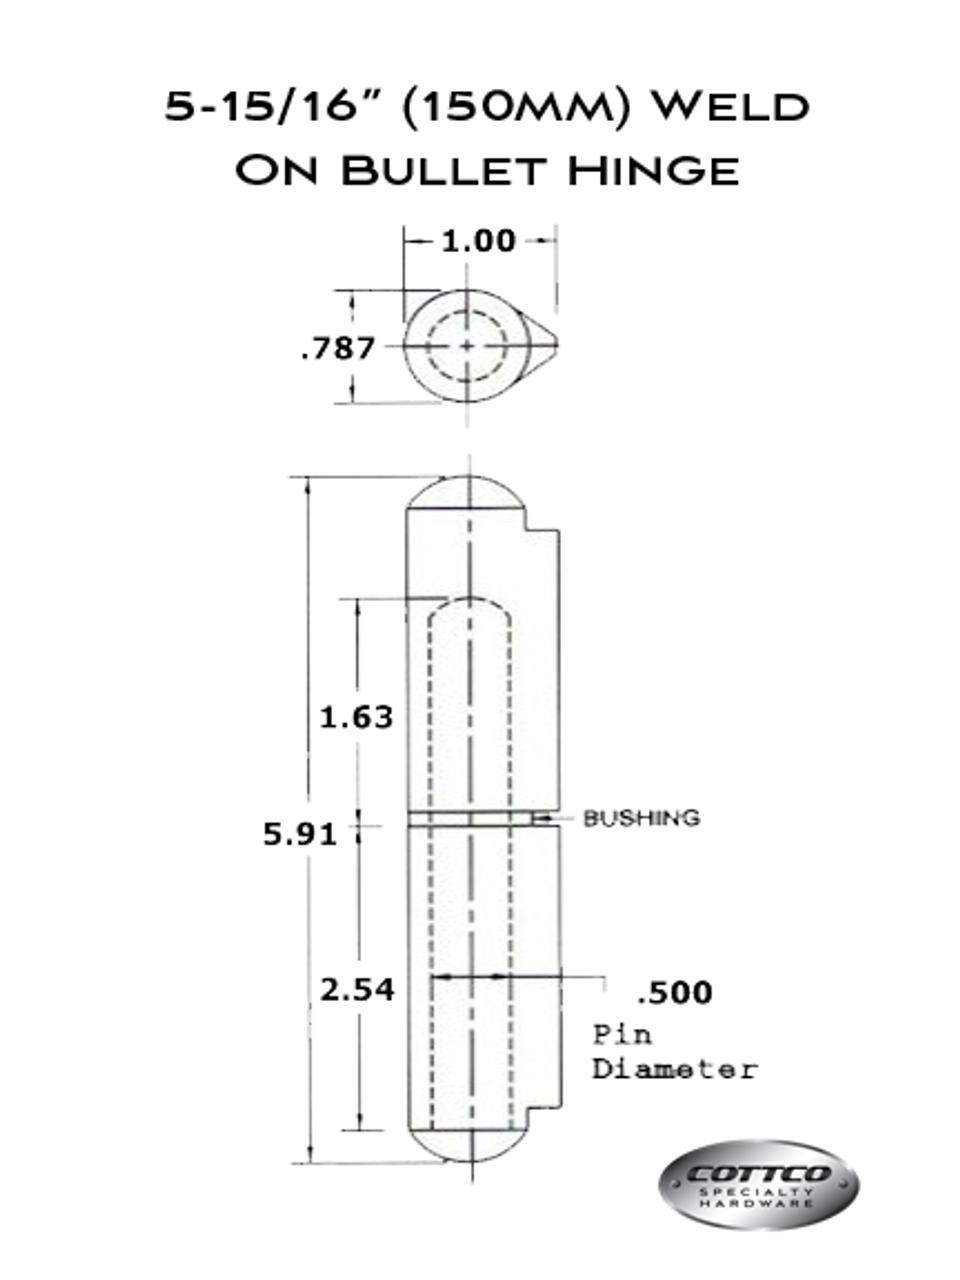 150mm Aluminum Weld On Bullet Hinge Schematic